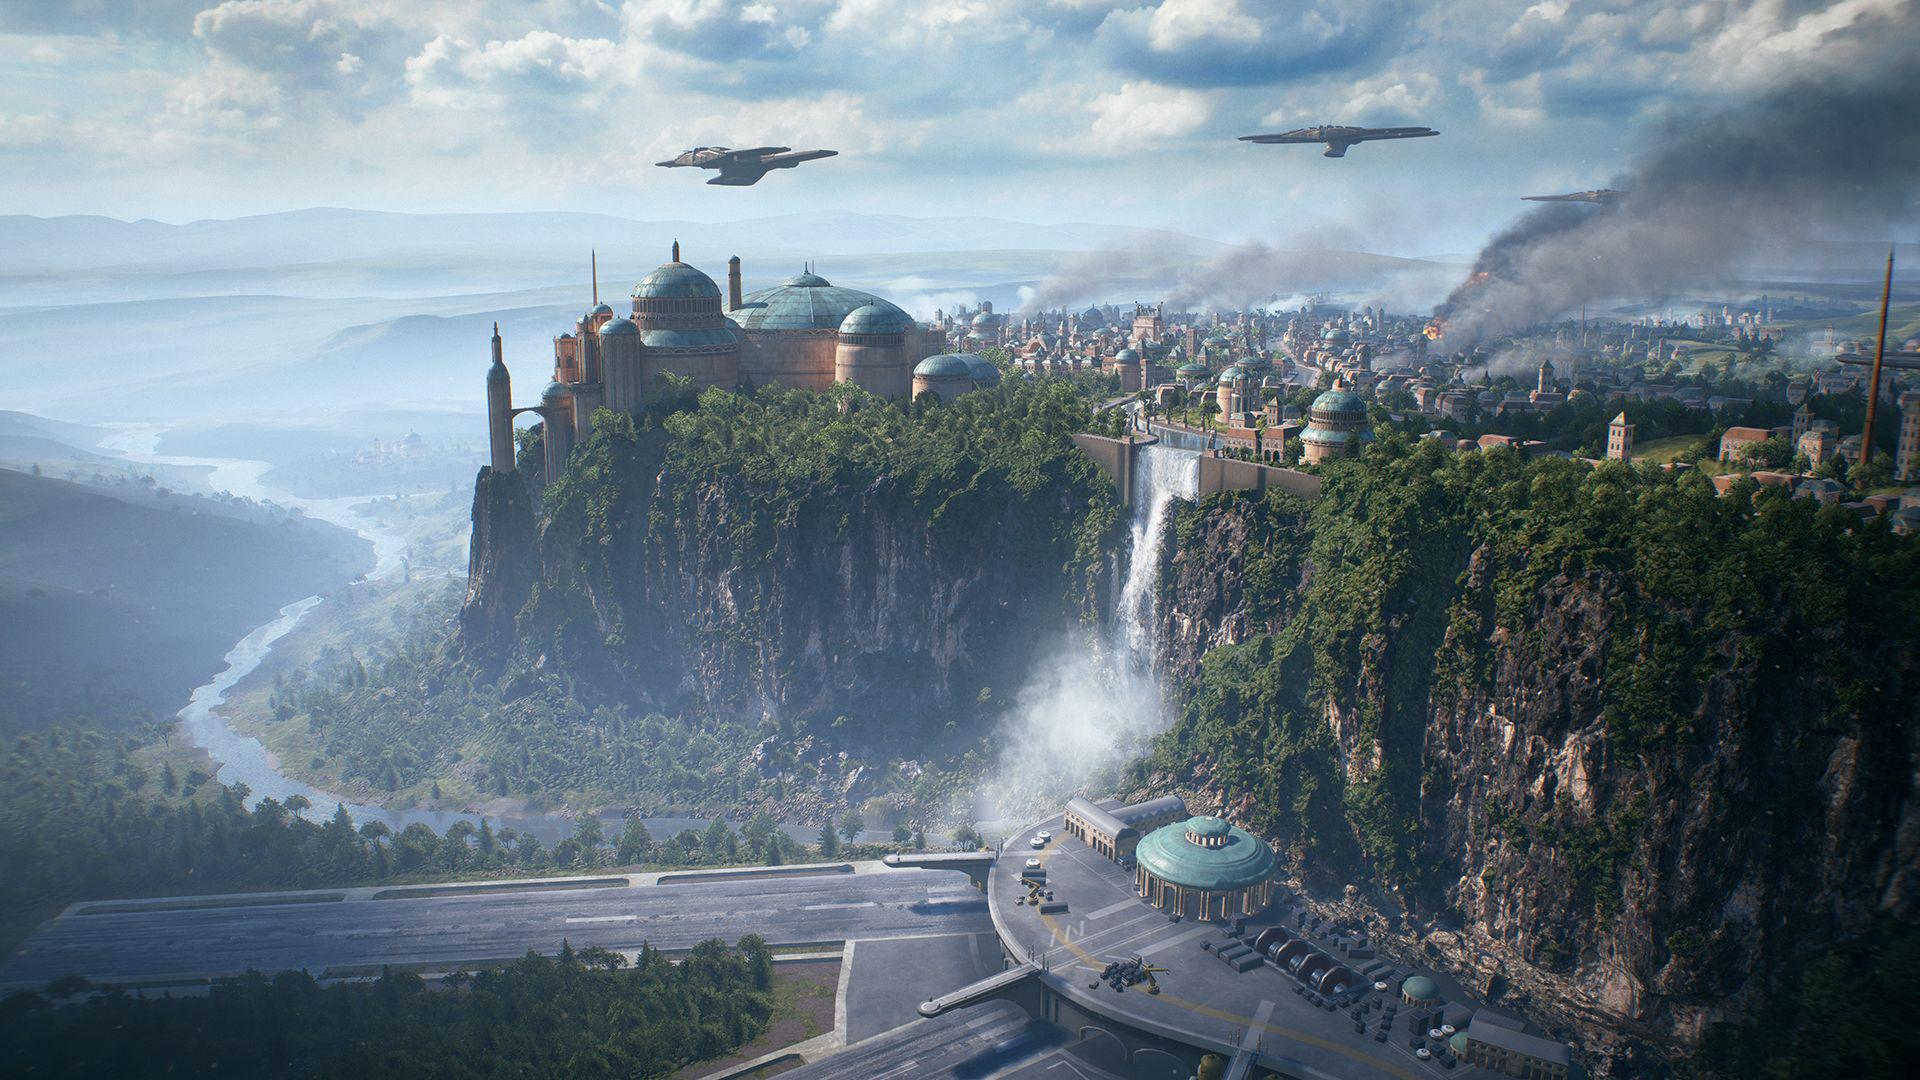 Všetkých jedenásť galaxy assault máp zo Star Wars Battlefront II predstavených